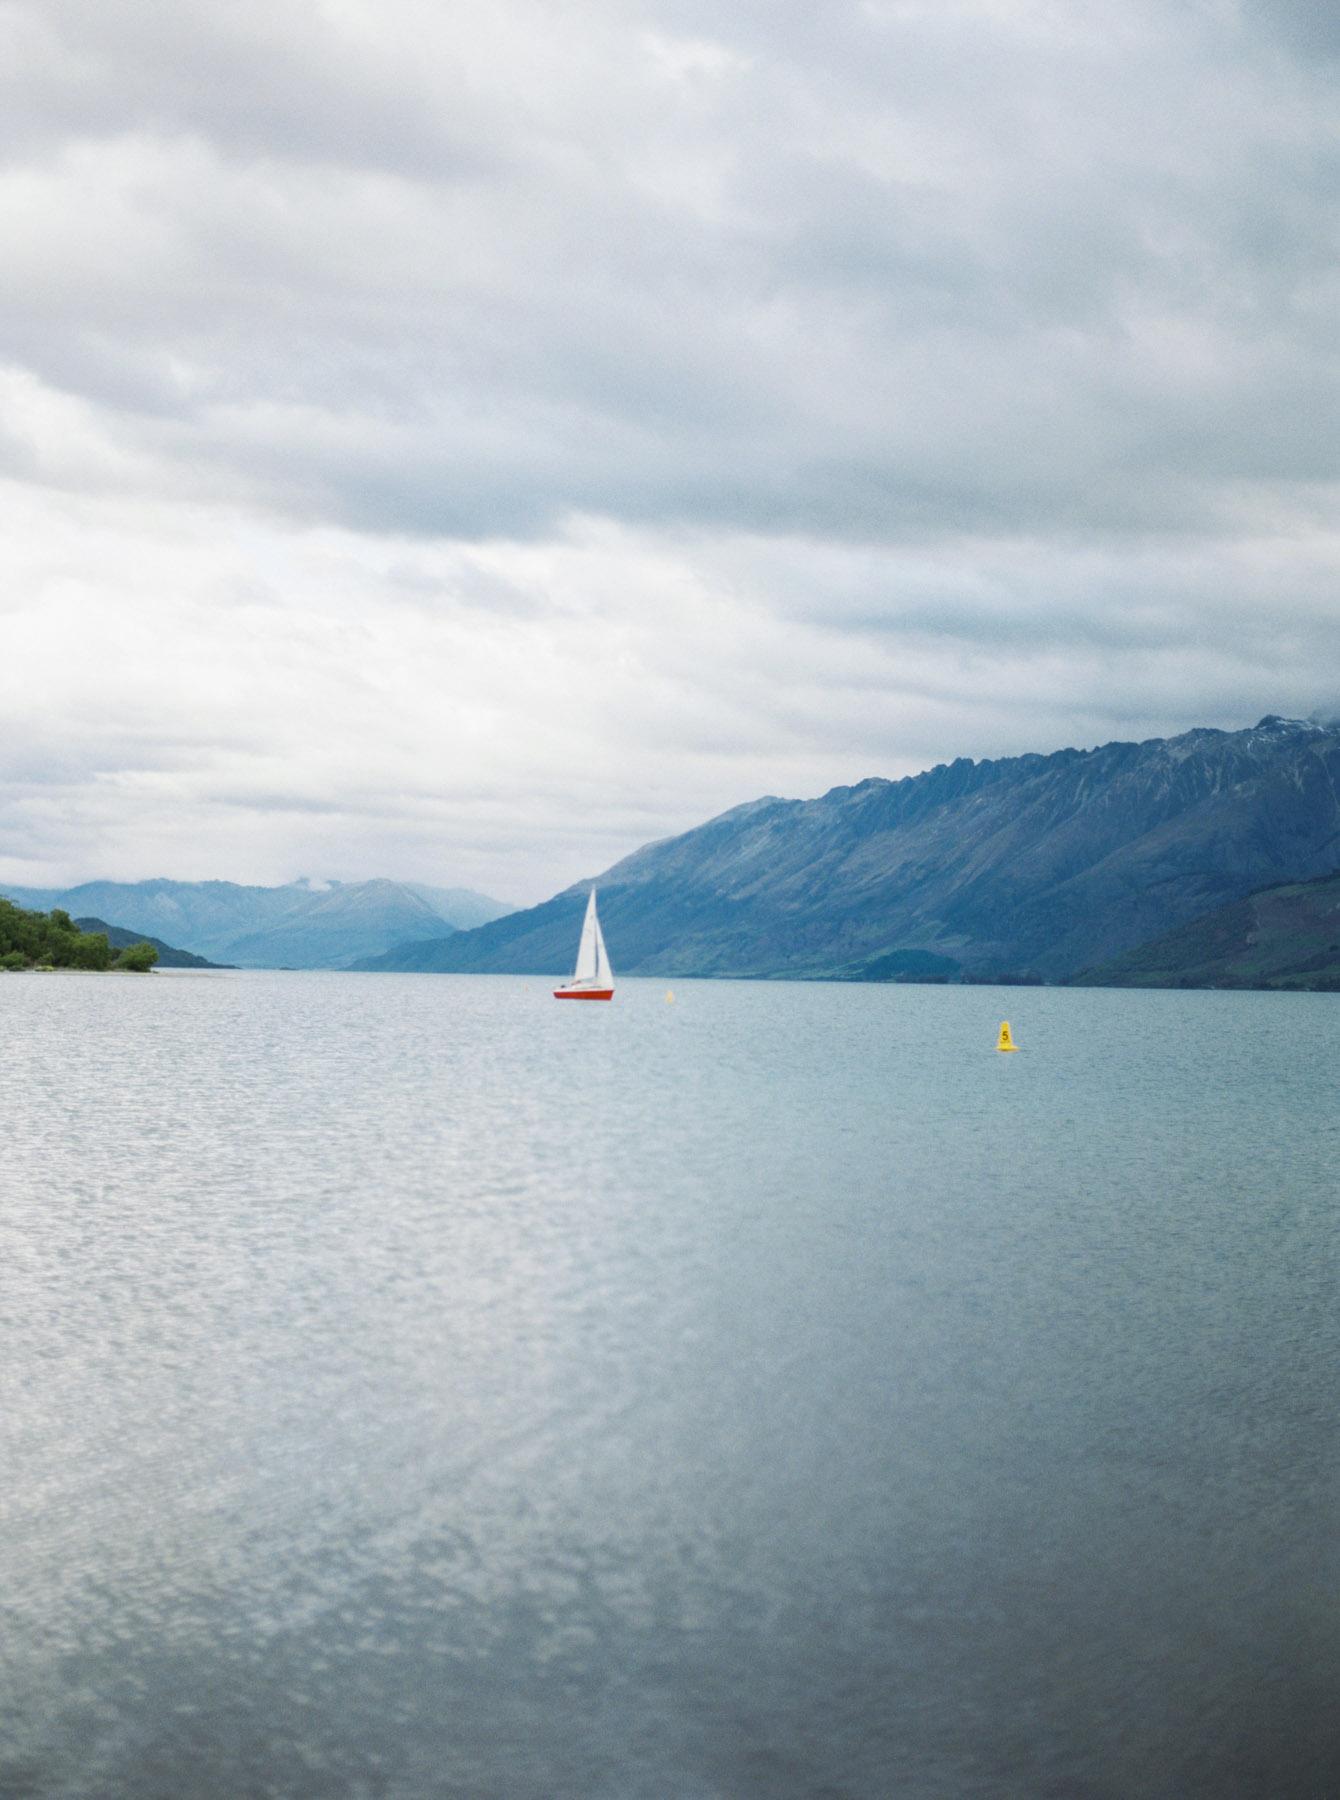 紐西蘭風景之美-蒂卡波-皇后鎮